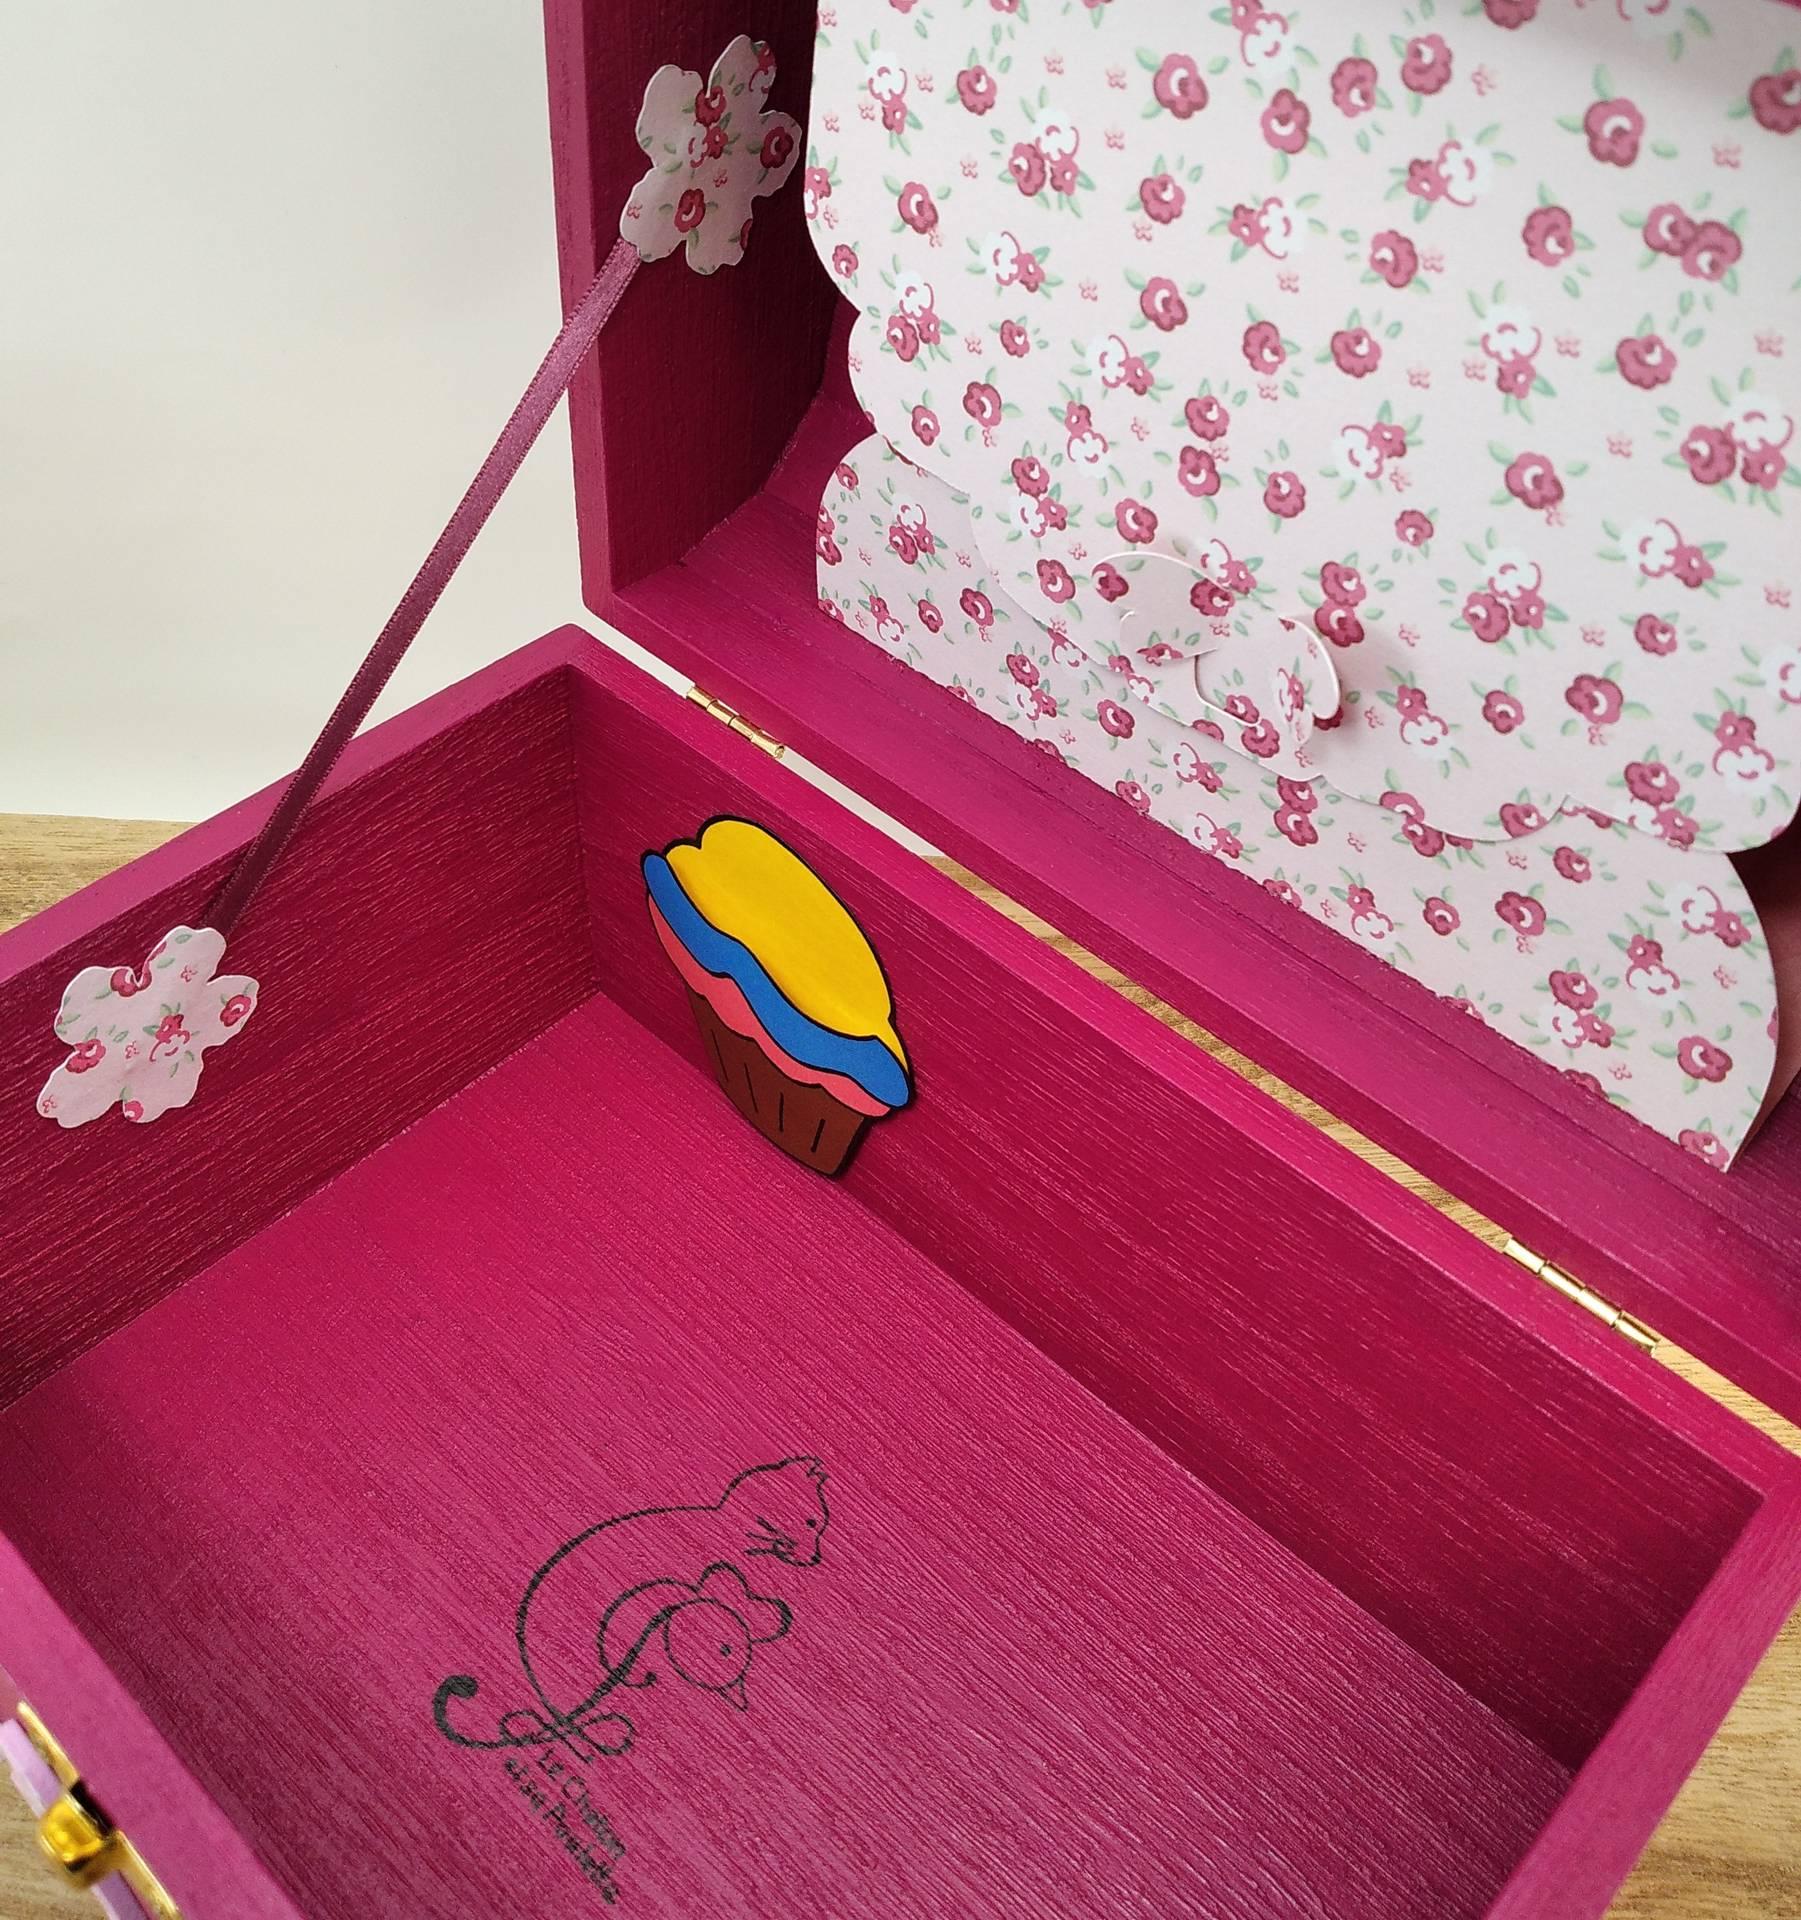 Coffret fuchsia Hana, intérieur avec pochette cupcake et pochette dans le couvercle